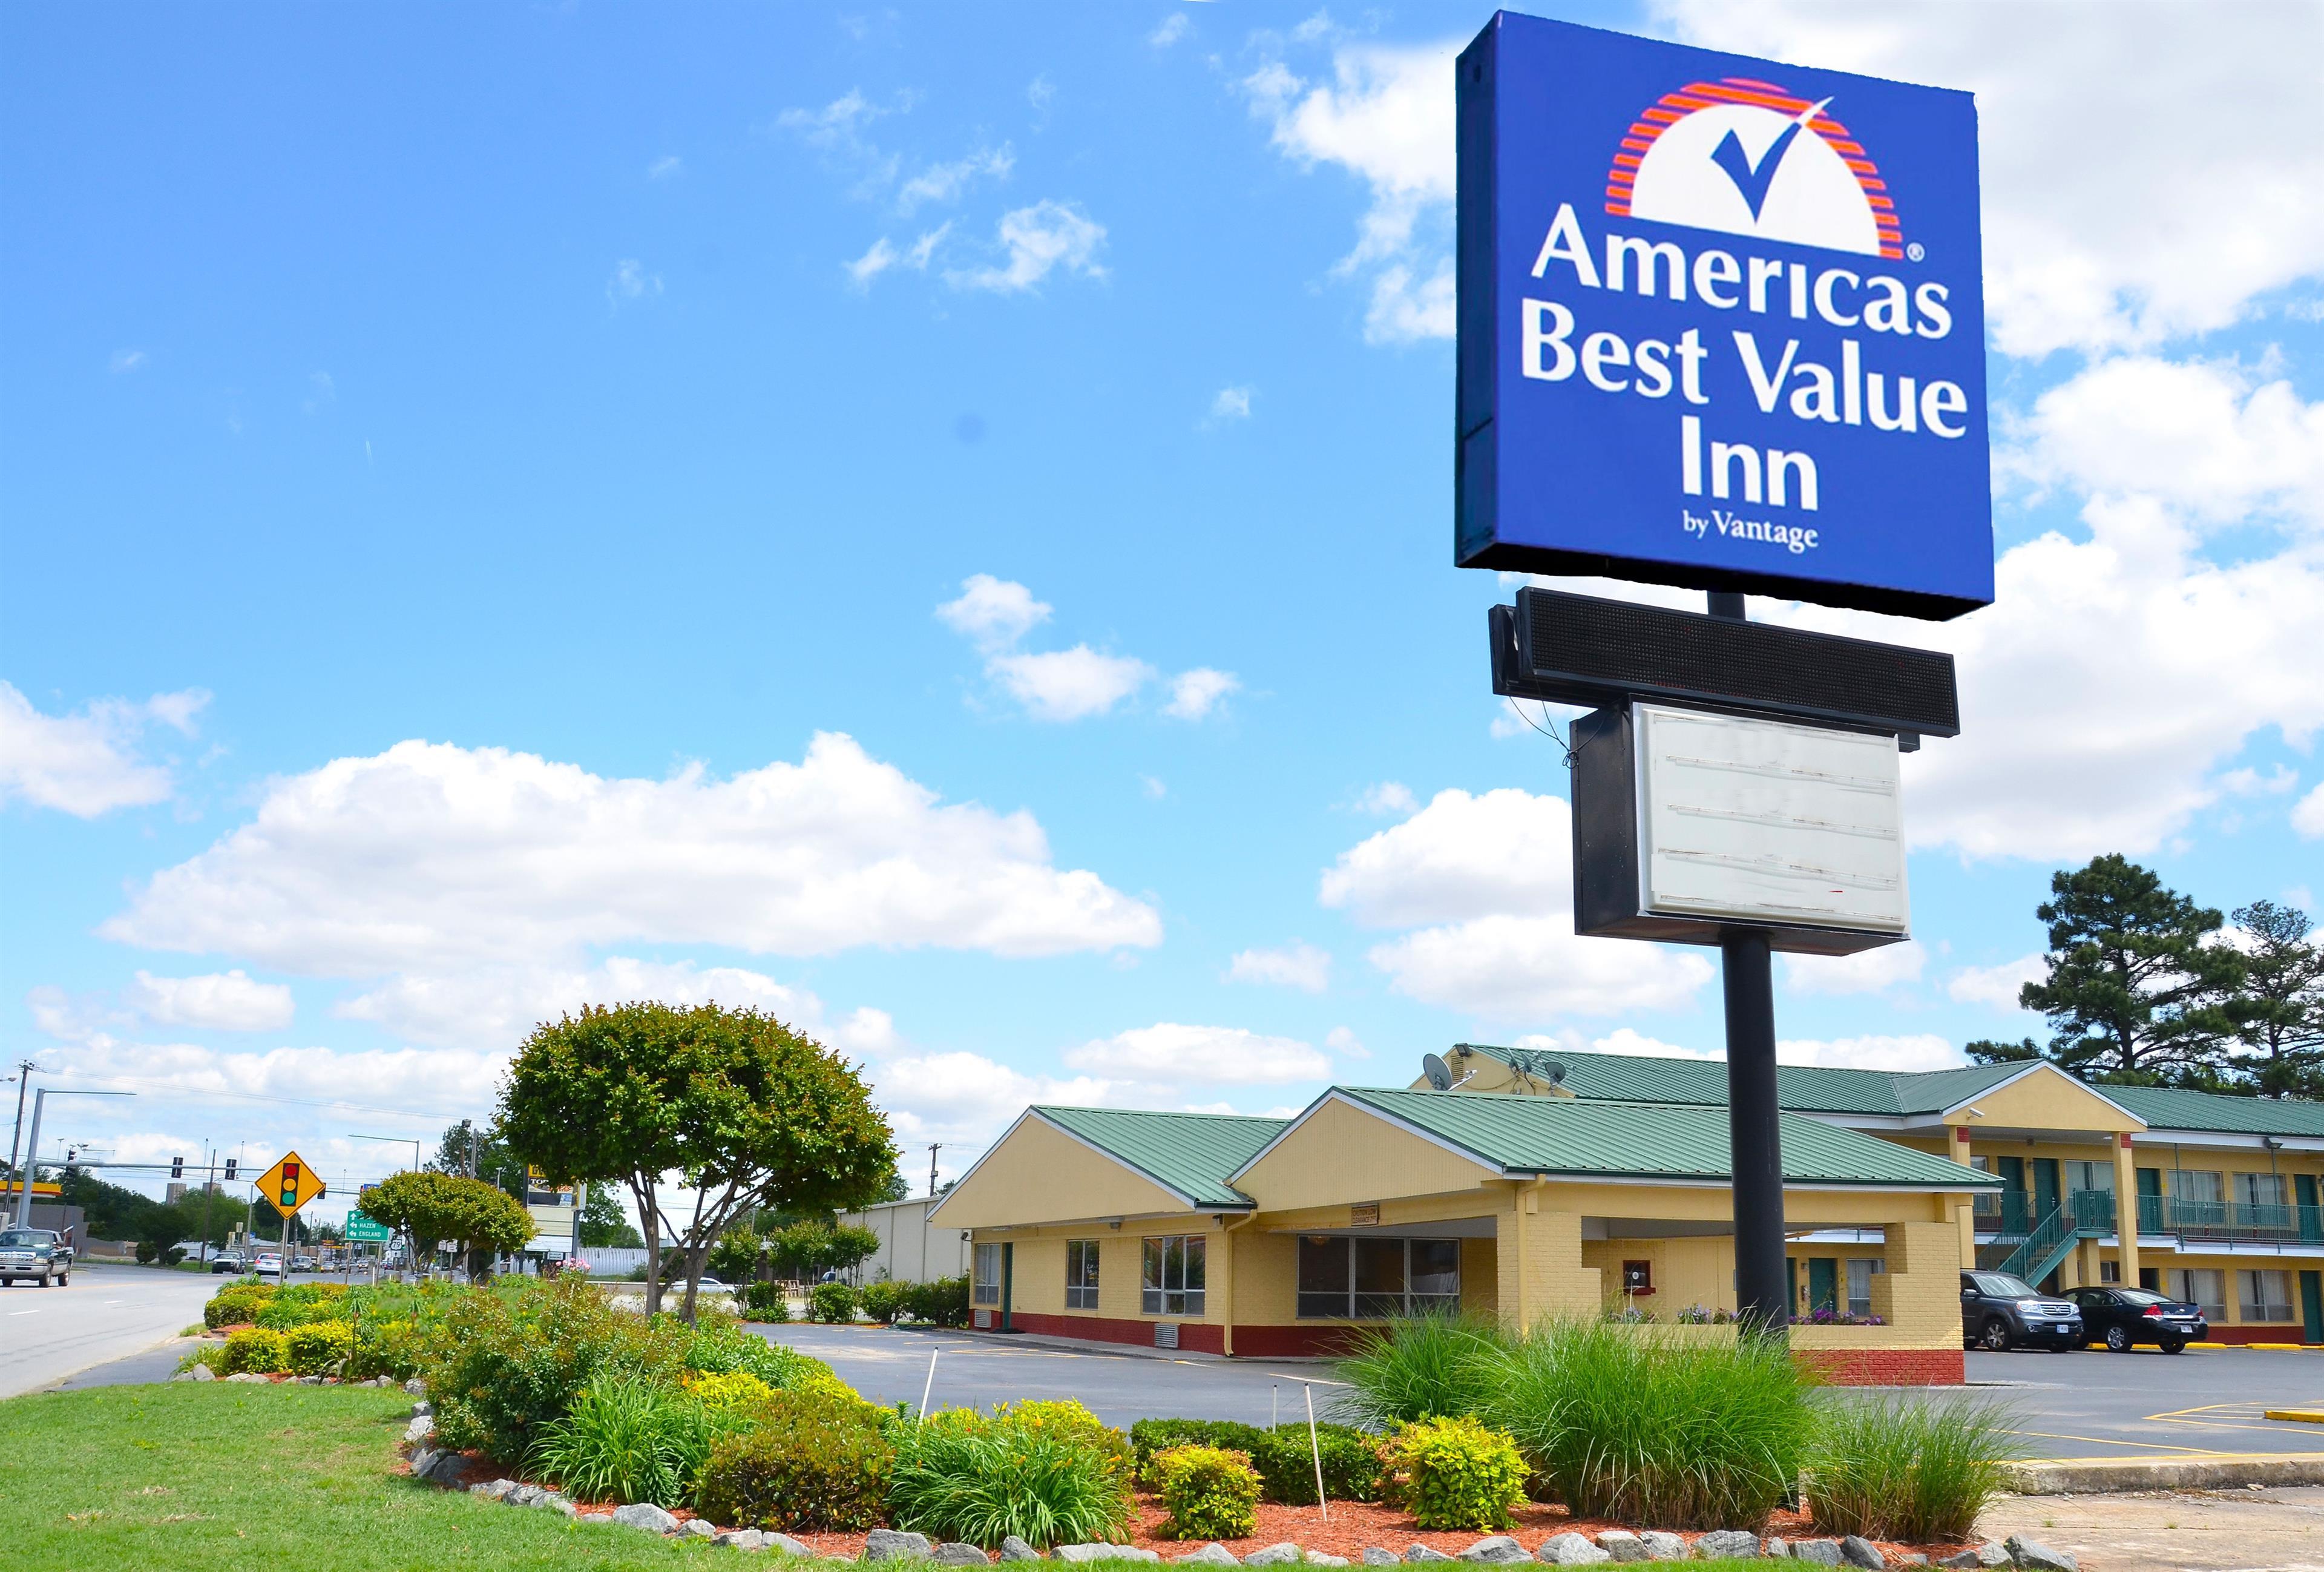 Americas best value inn stuttgart coupons stuttgart ar for Americas best coupon code